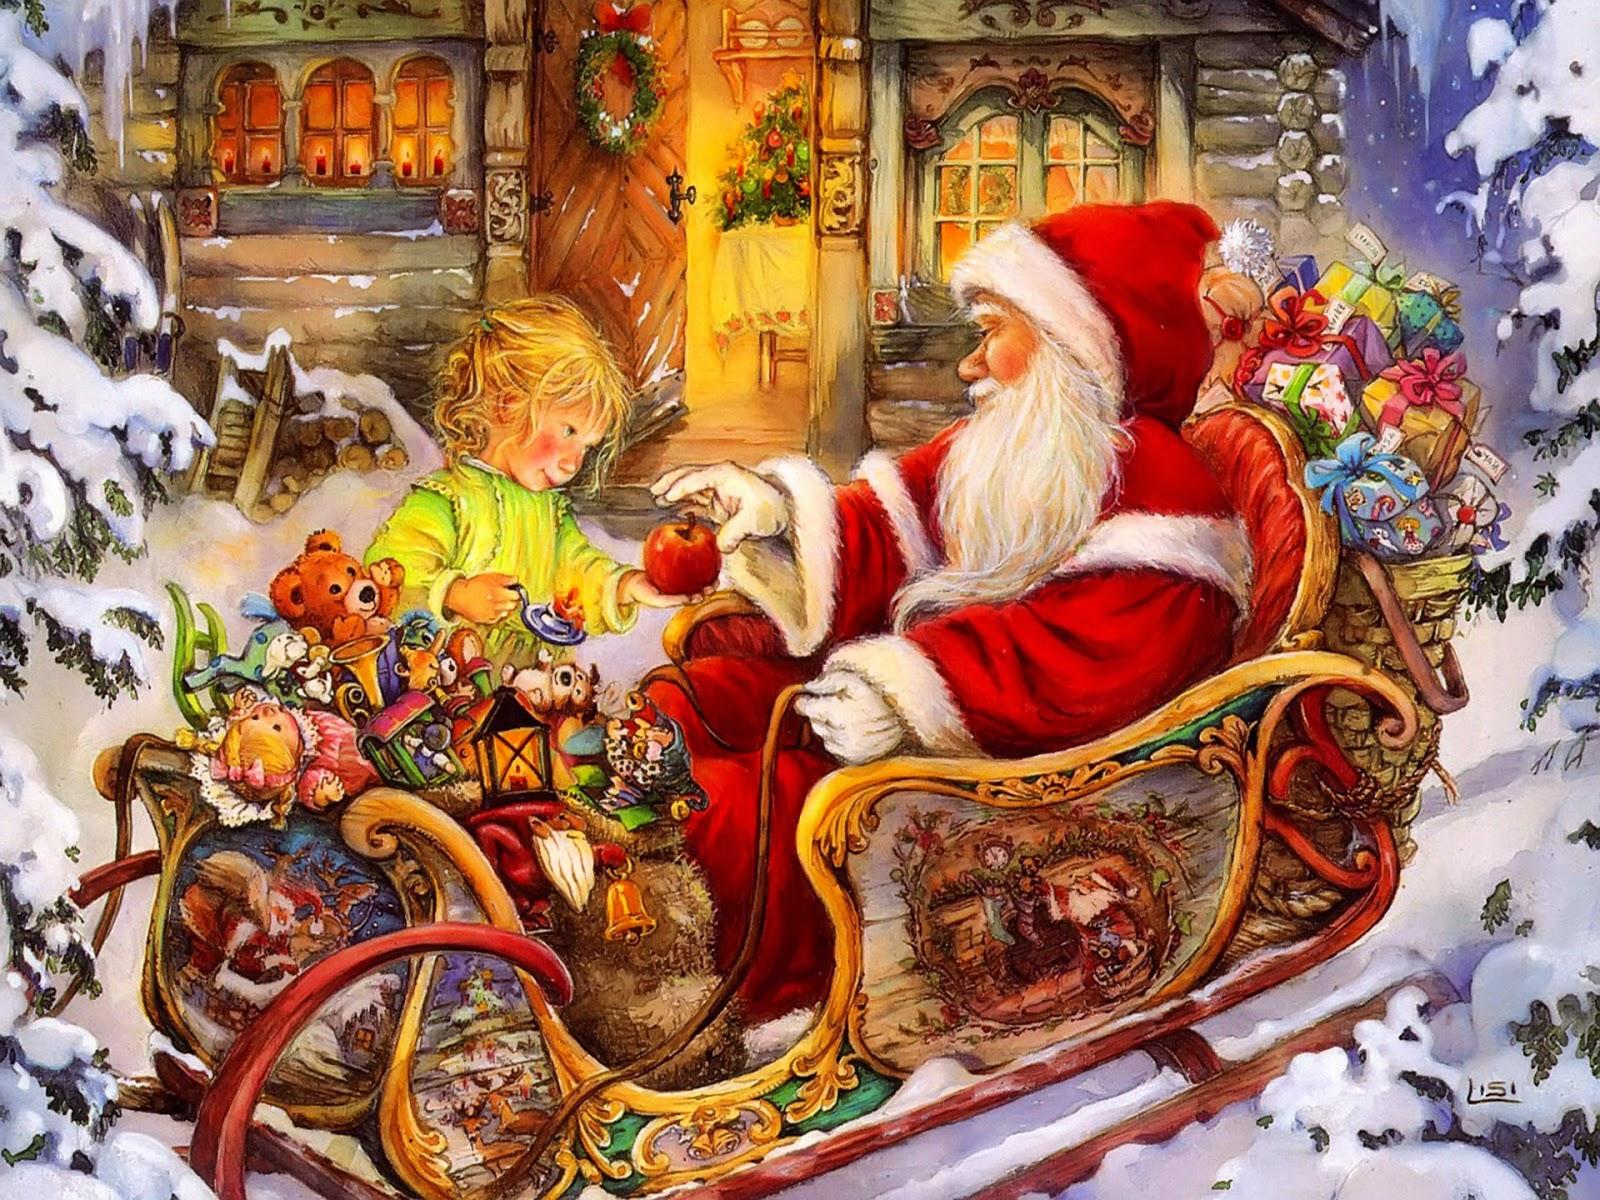 Babbo Natale Questanno Verra Filastrocca.L Albero Di Natale Filastrocche Di Natale